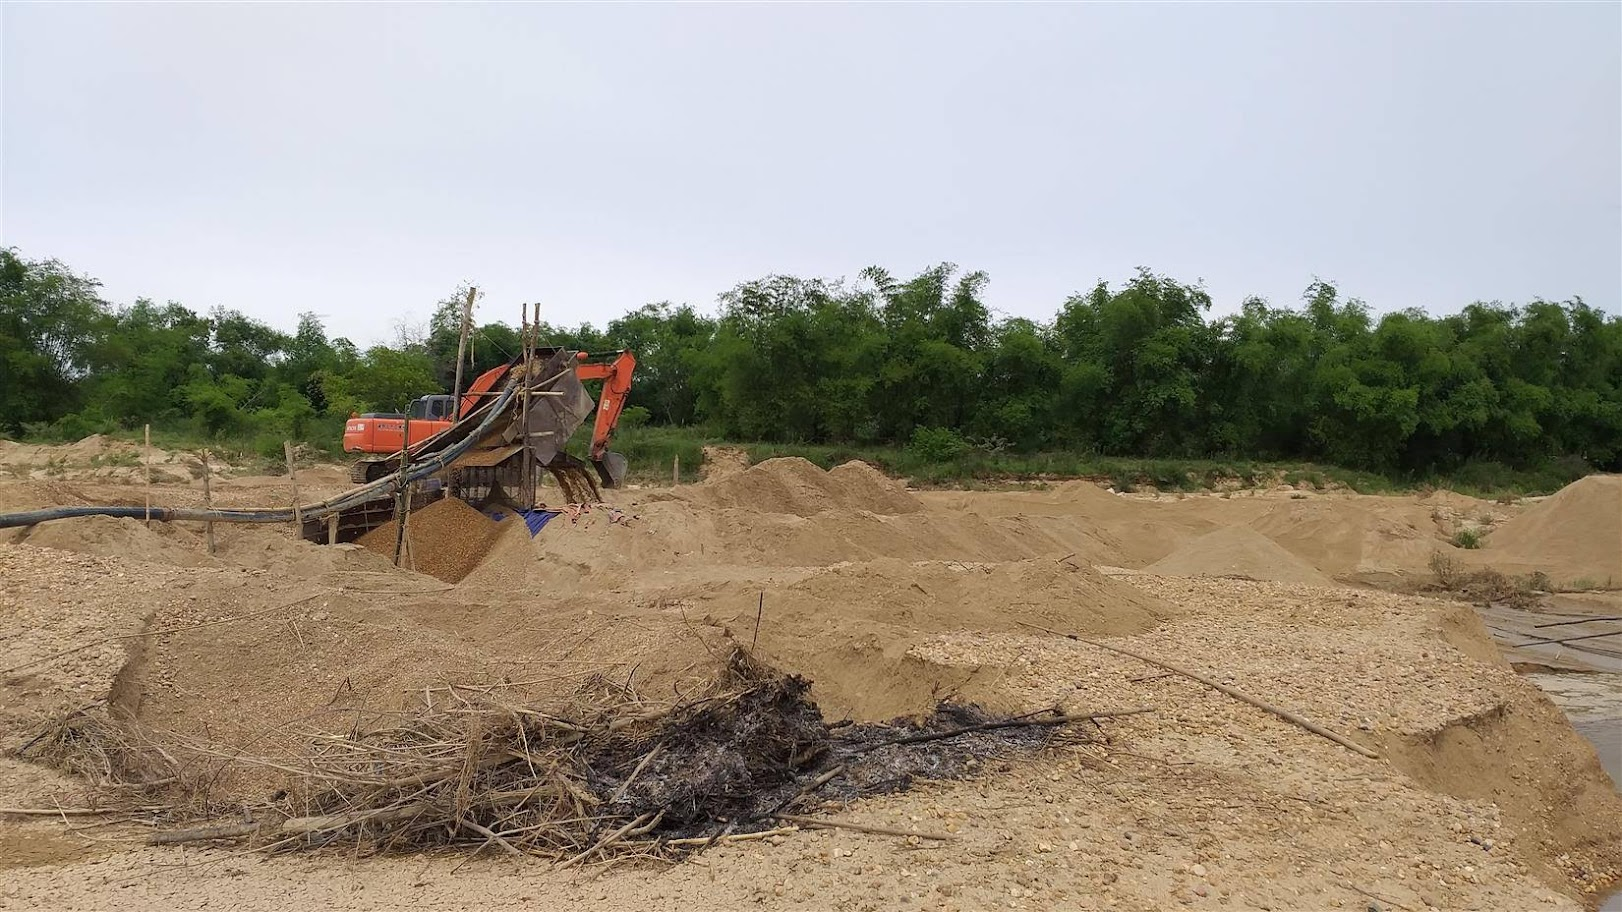 Nhiều doanh nghiệp khai thác cát, sỏi ở Tân Kỳ còn nợ các khoản tiền về  cấp quyền, tiền thuê đất, phí bảo vệ môi trường... nhưng đã hoạt động khai thác